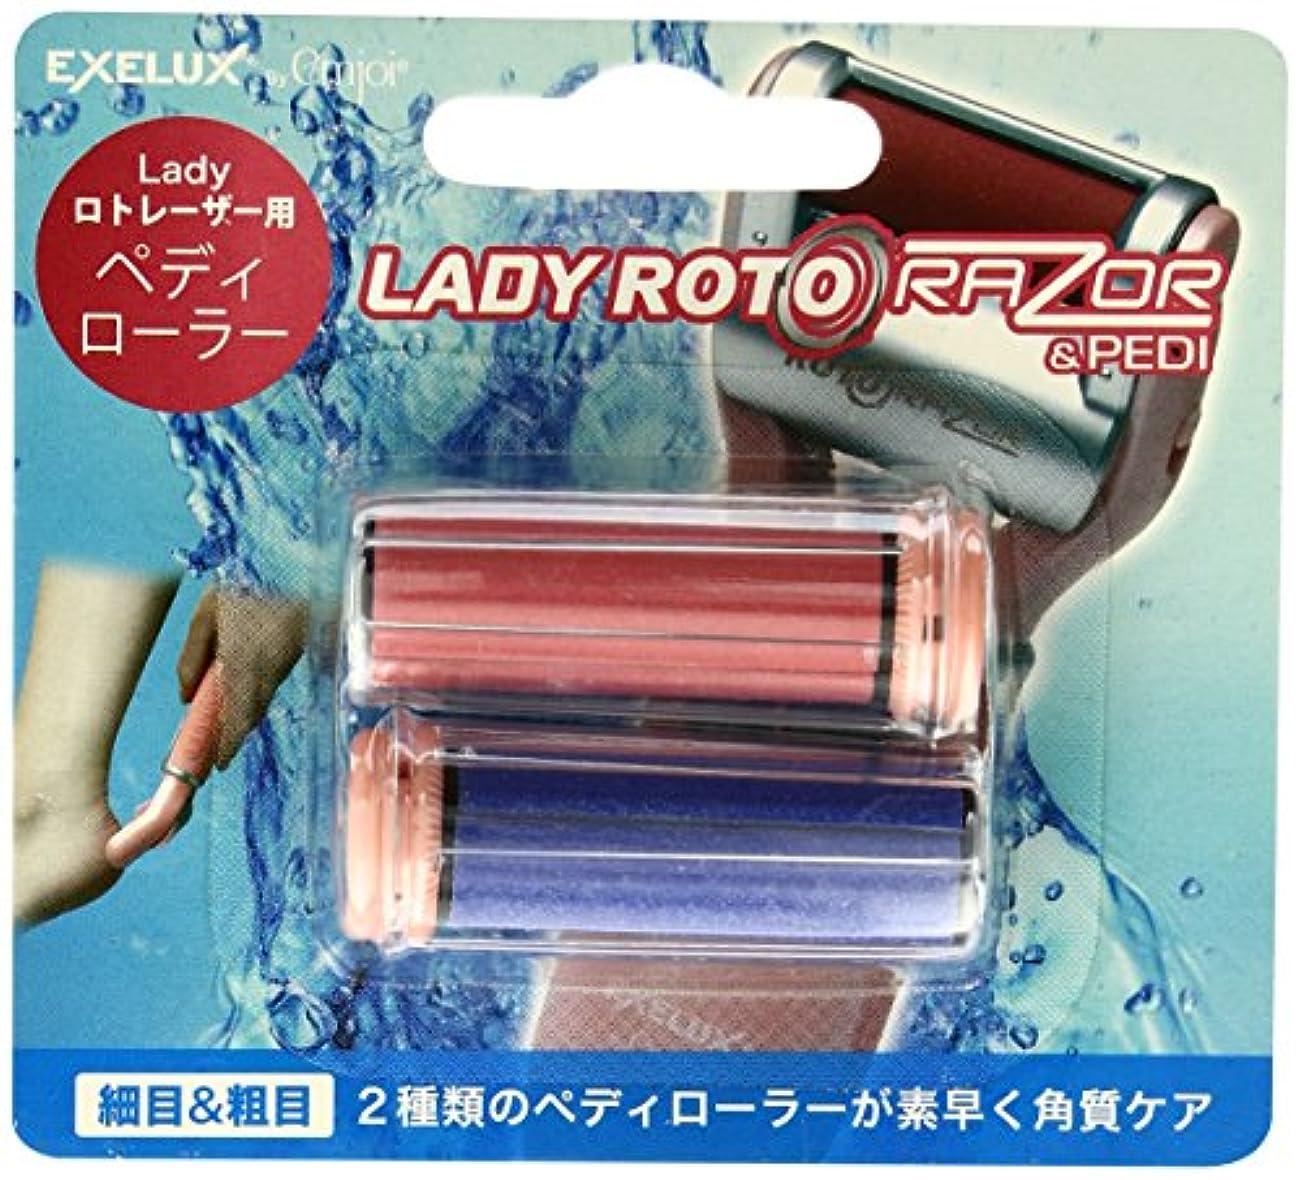 無駄な事故地域のmetex Lady ロトレーザー & Pedi用ペディローラー EJRR-LP2